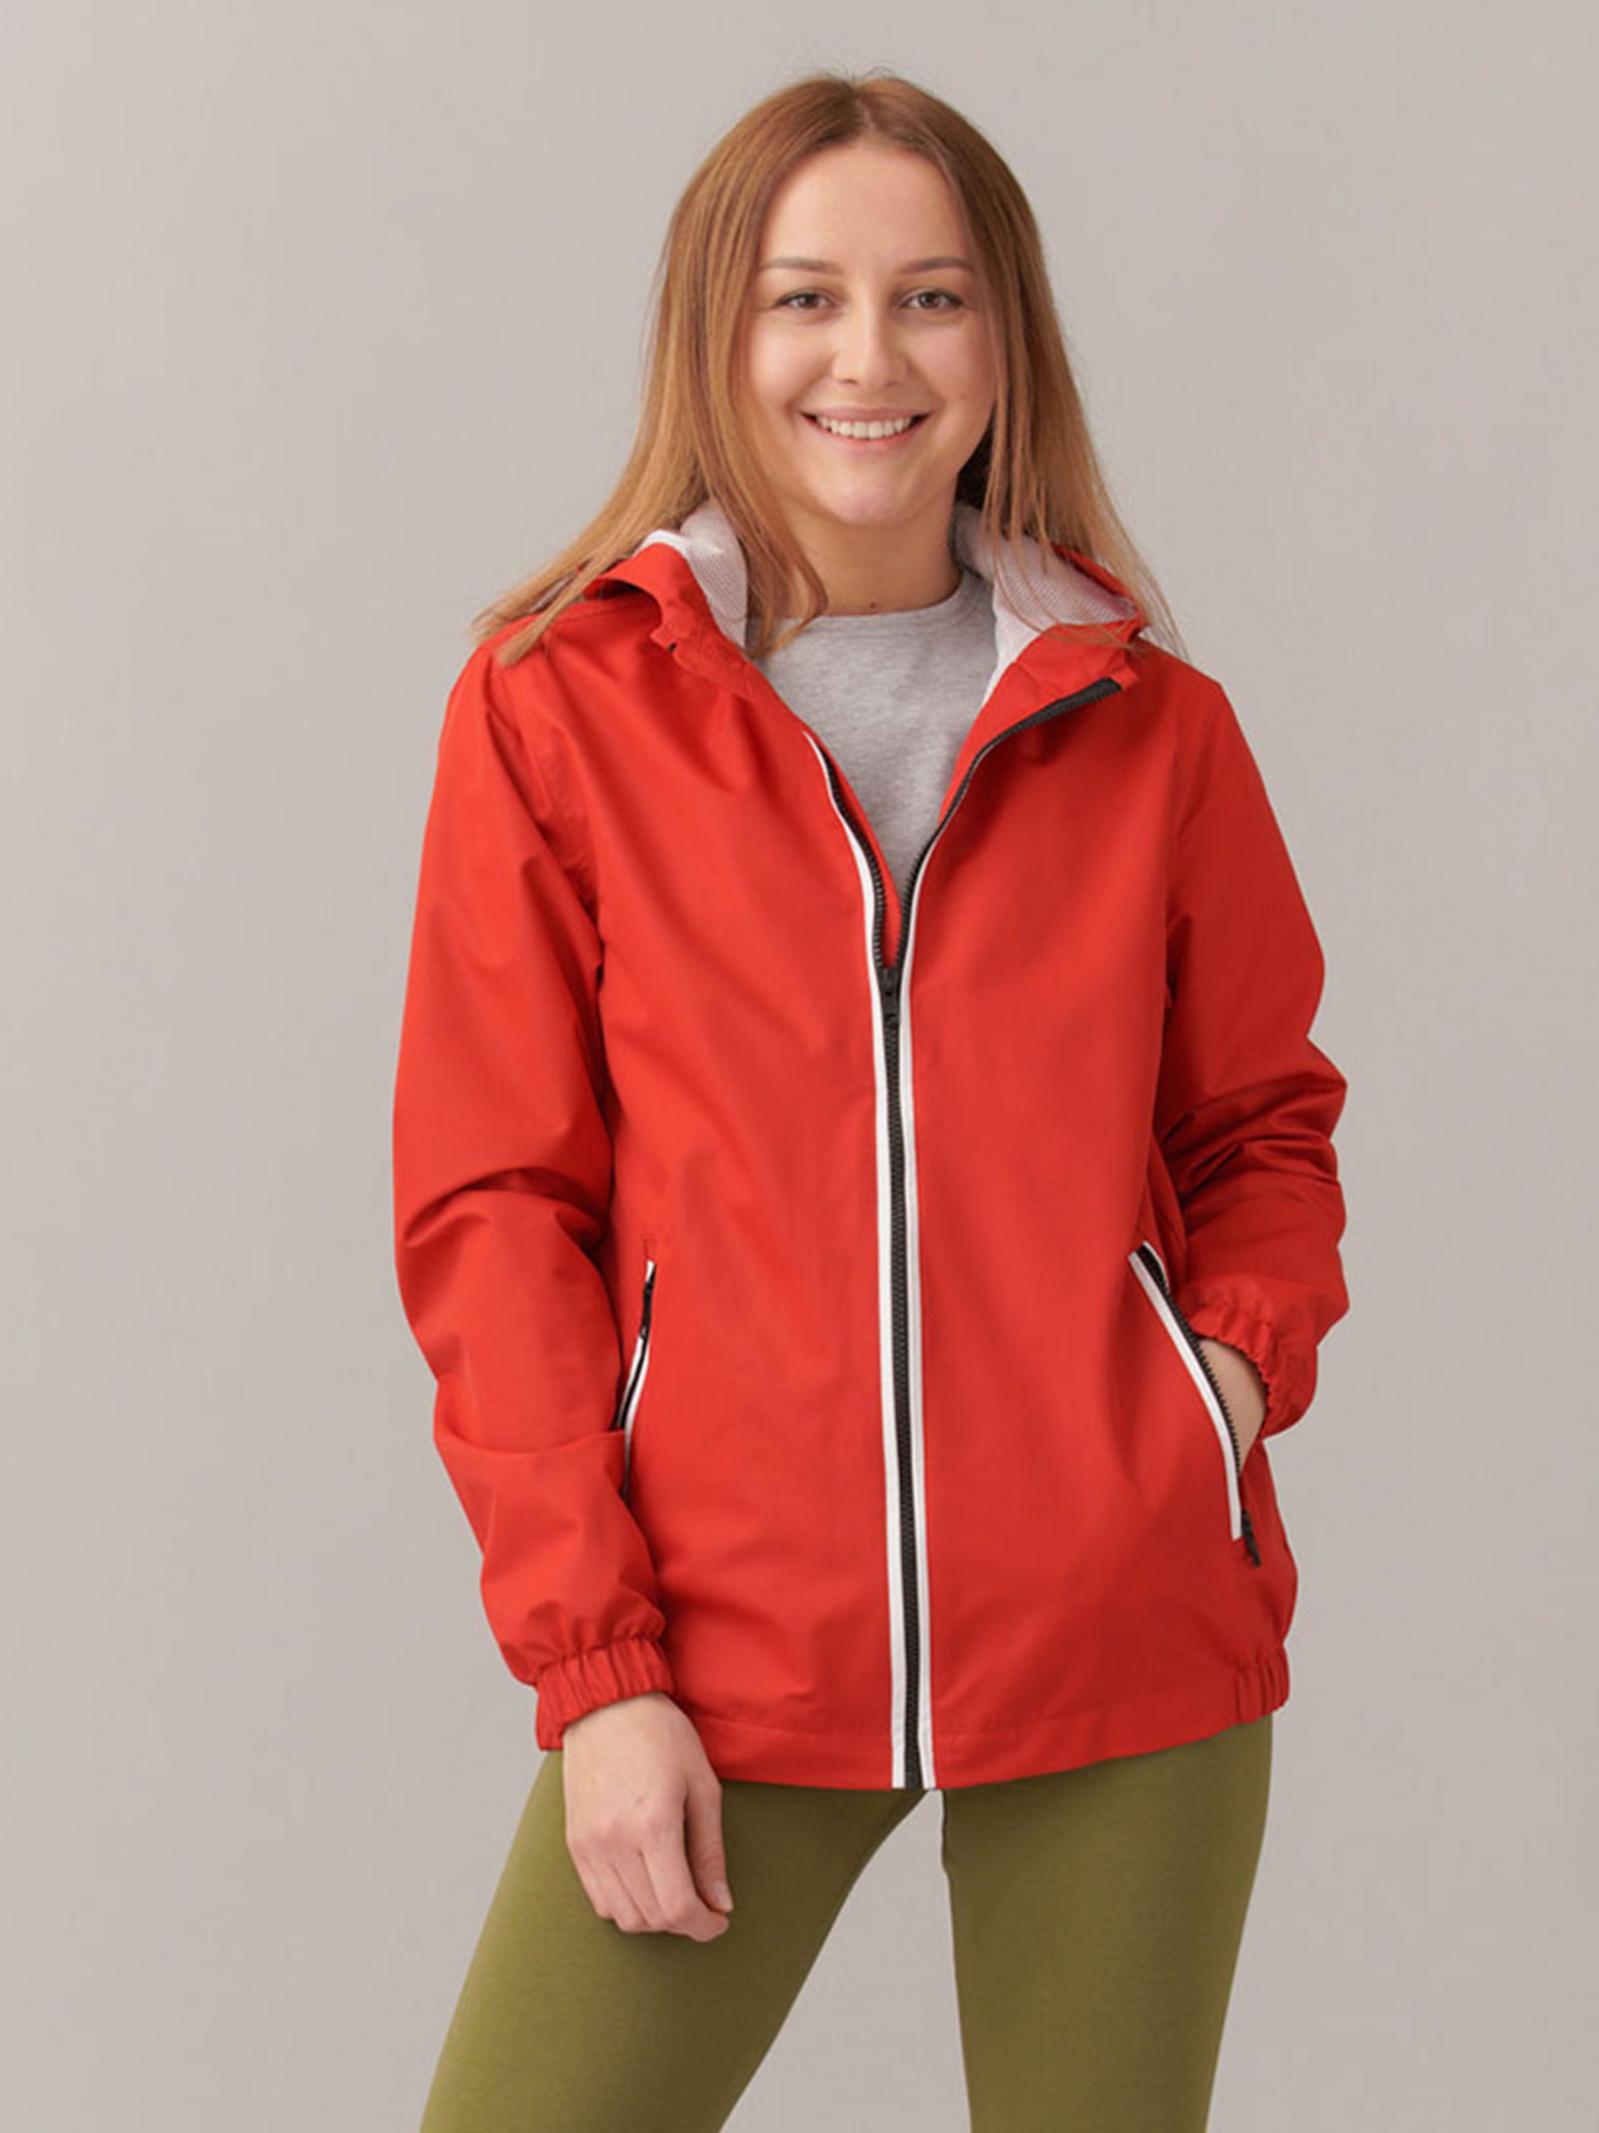 Promin Куртка жіночі модель 2024-11 ЧЕРВОНИЙ відгуки, 2017